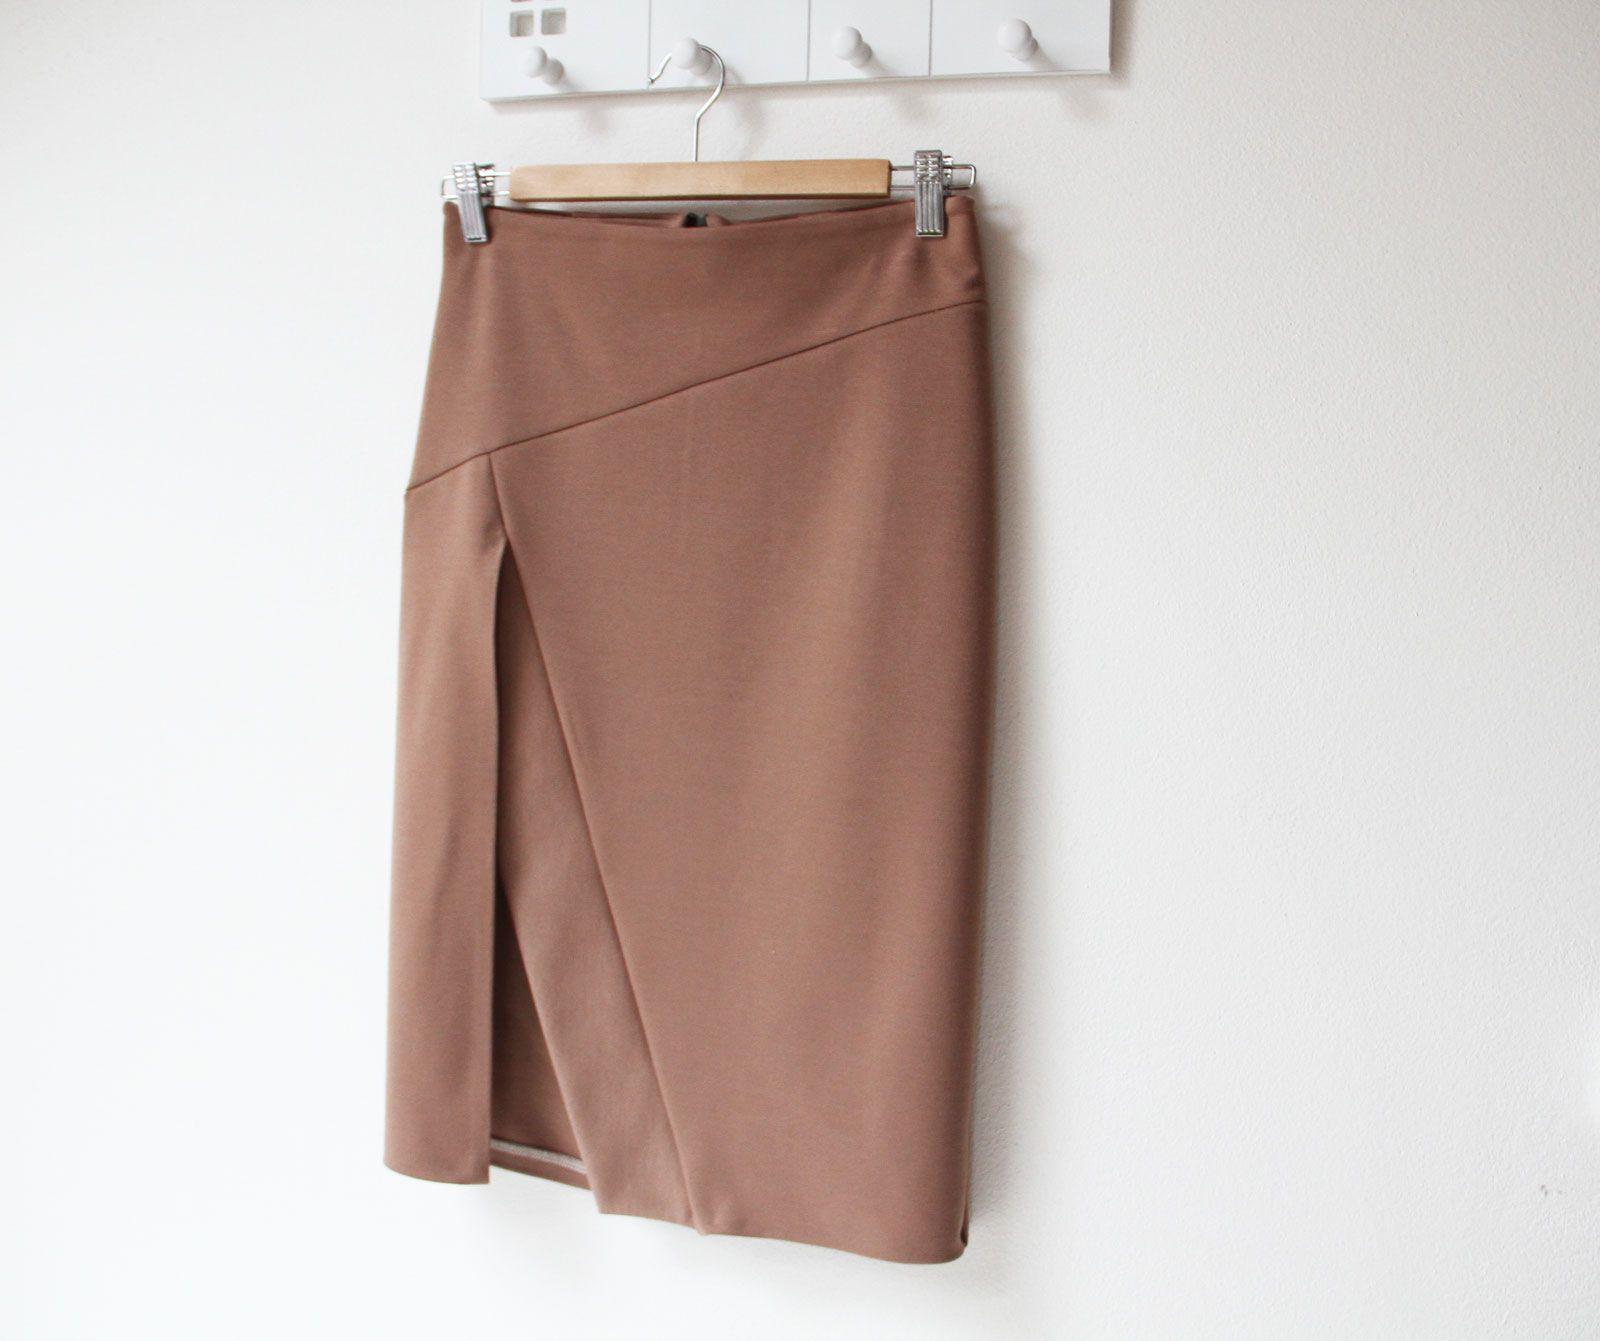 2beaf4b63120 Pouzdrová sukně v barvě mléčné čokolády